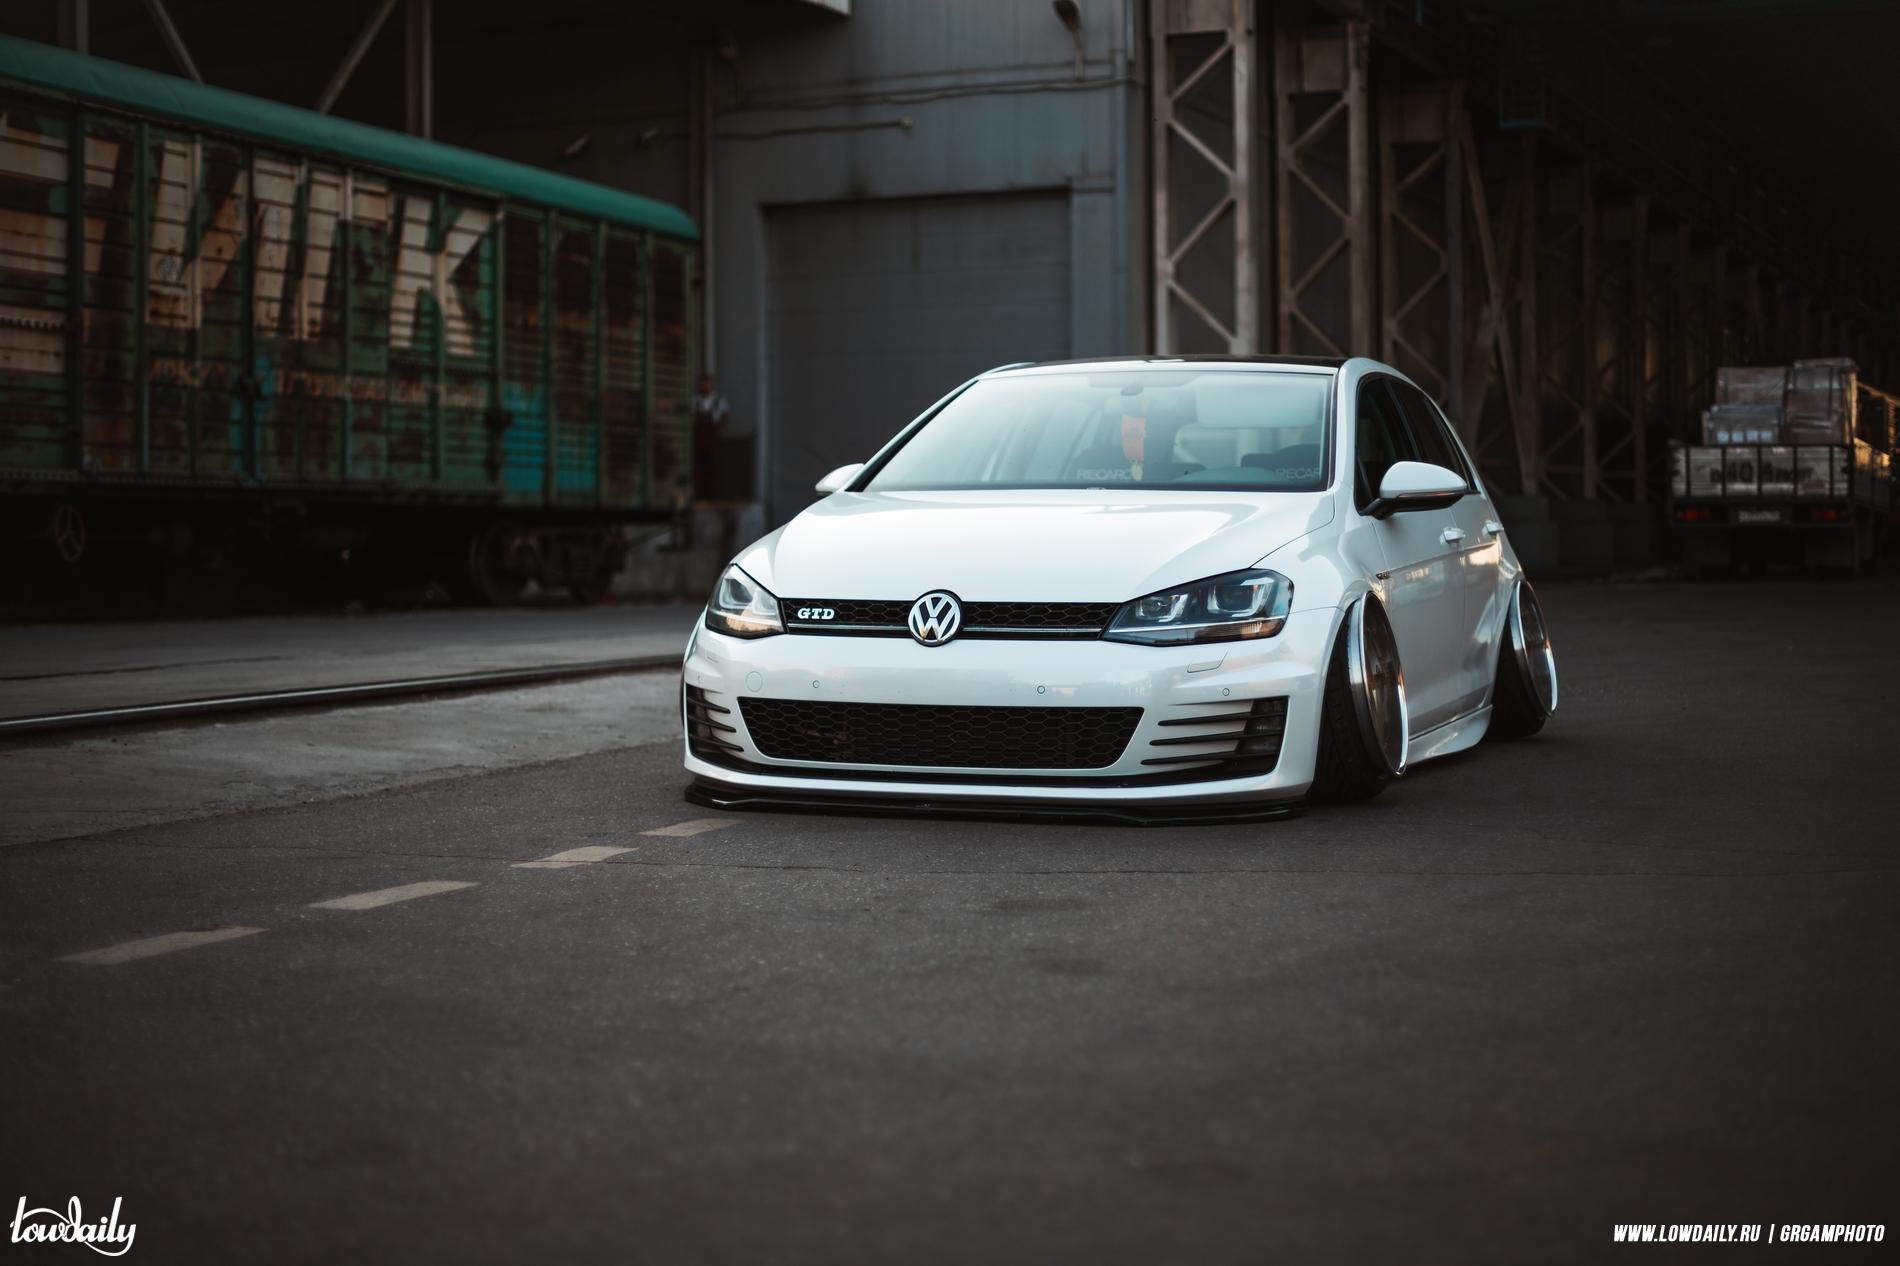 VW Golf 7 - Got camber?